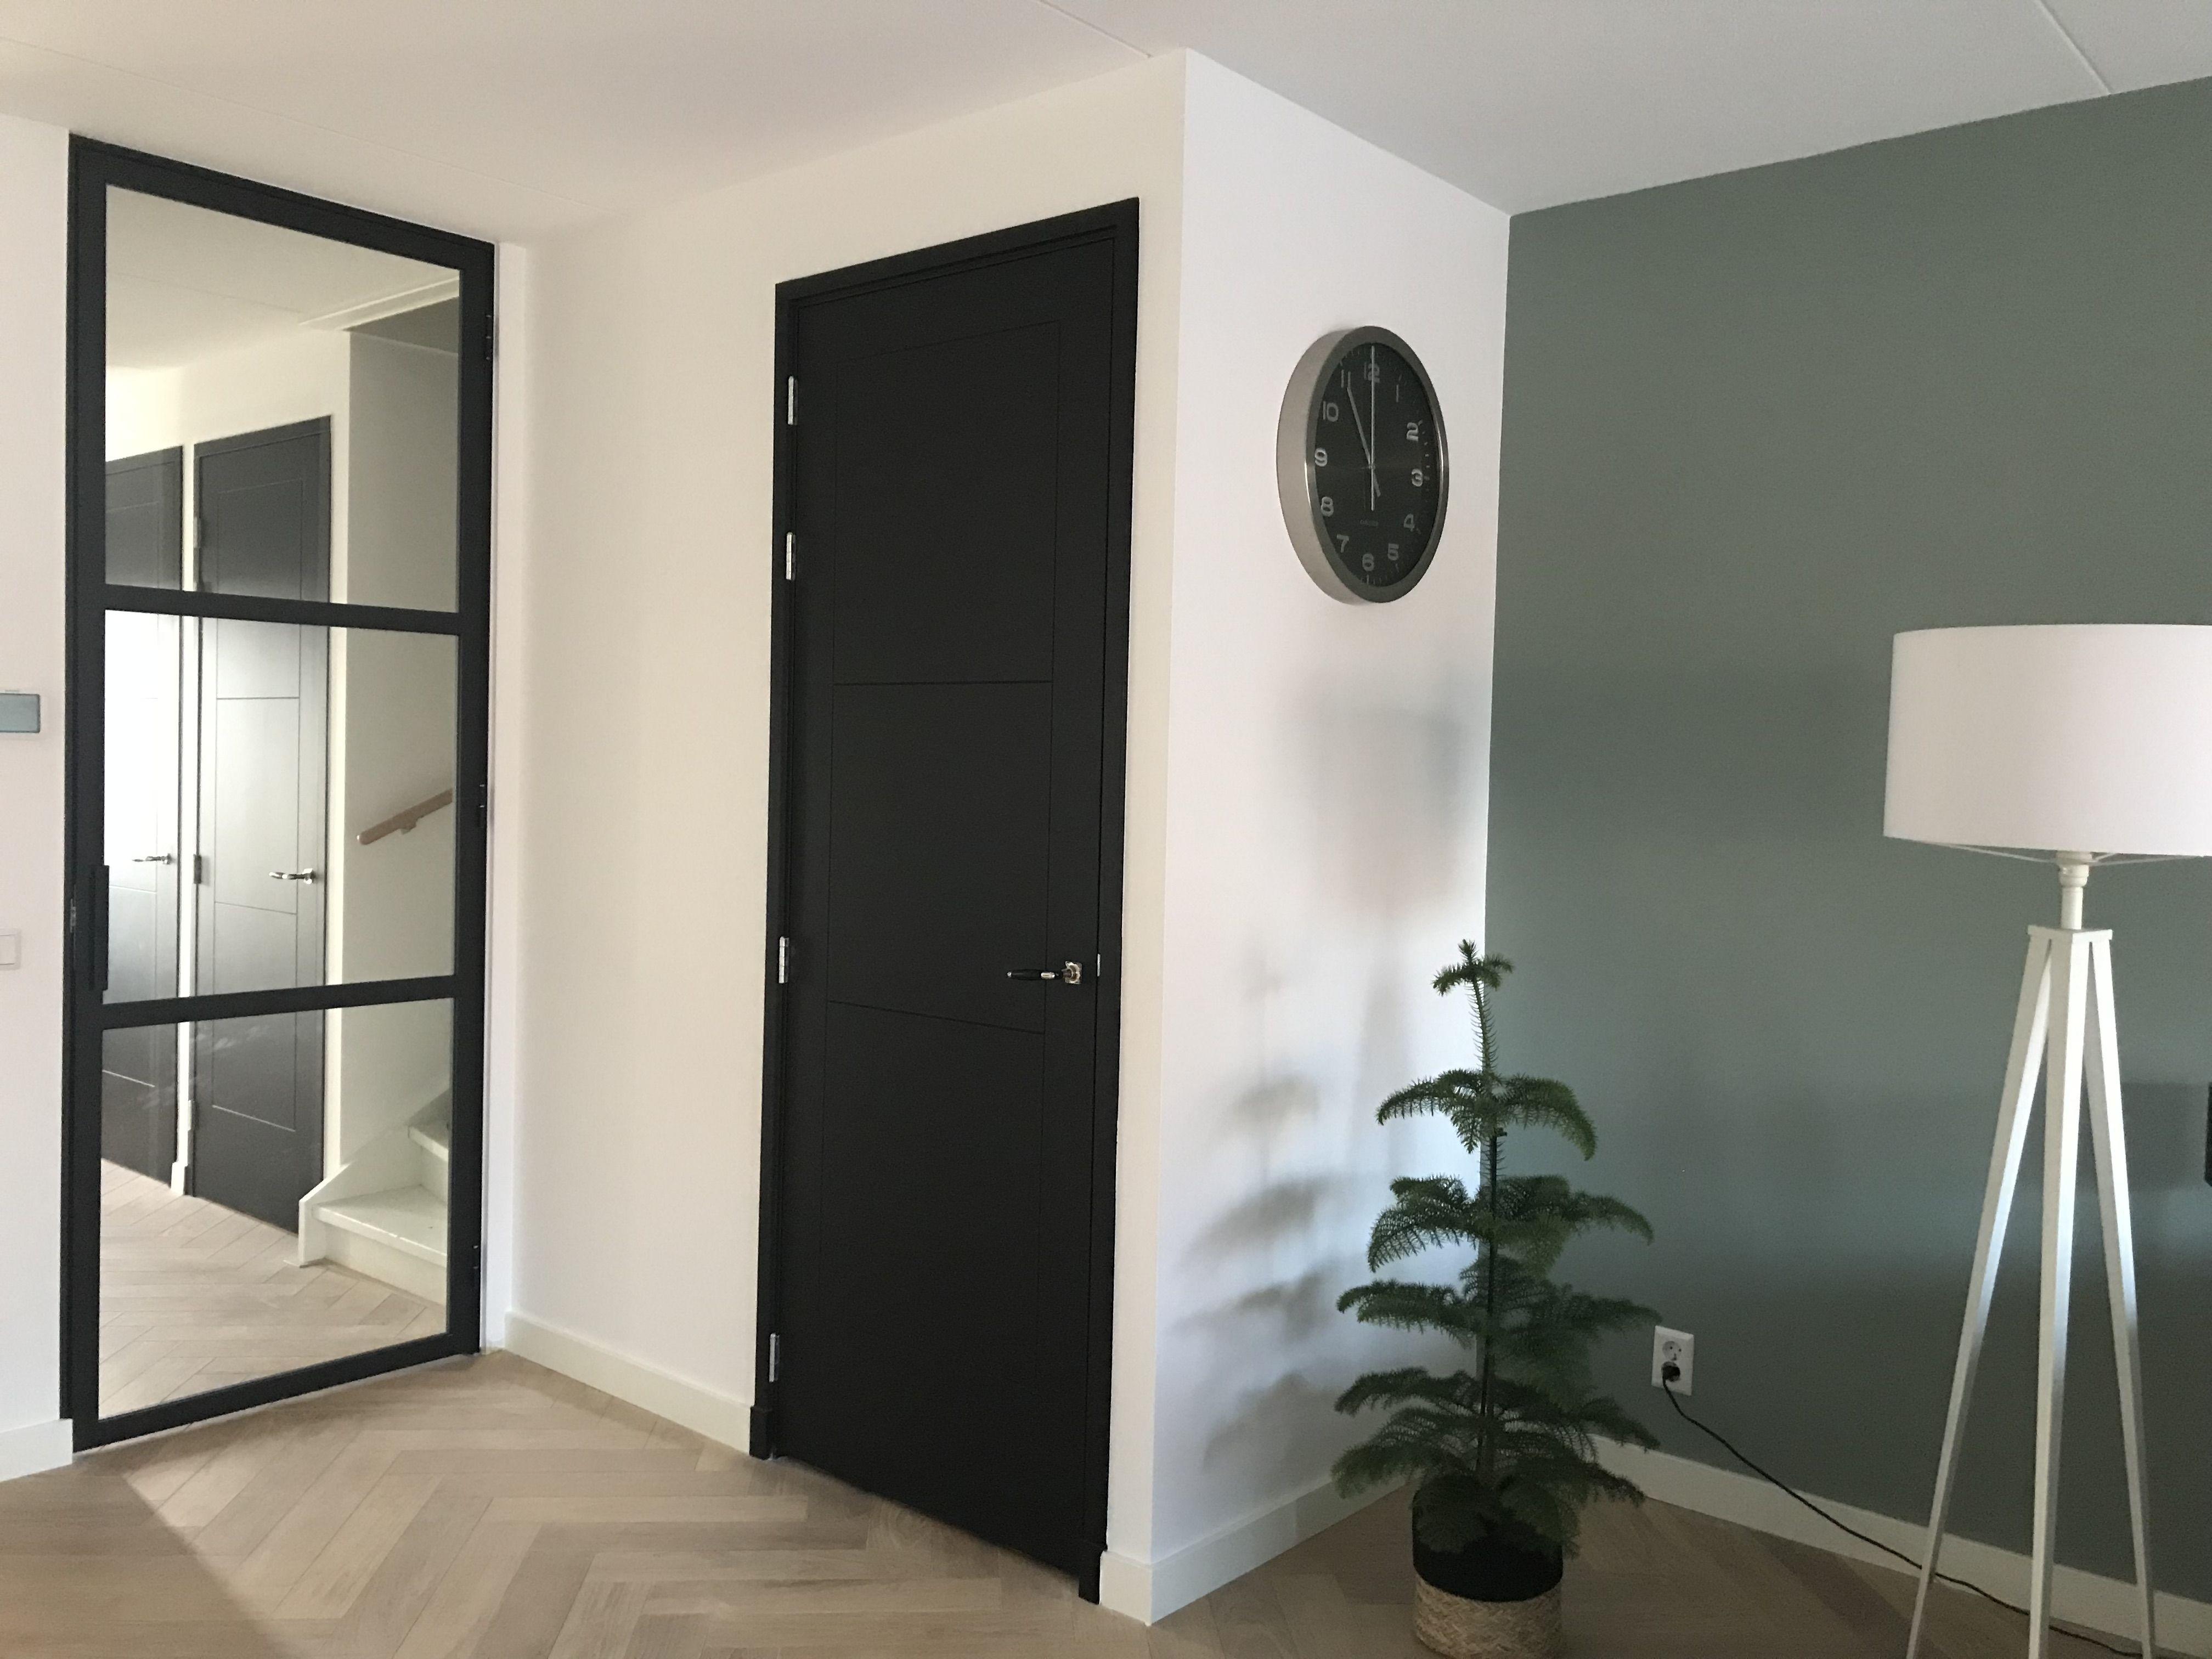 Stalen scharnierdeur met 3 vlakken en hoekgreep mijn stalen deur